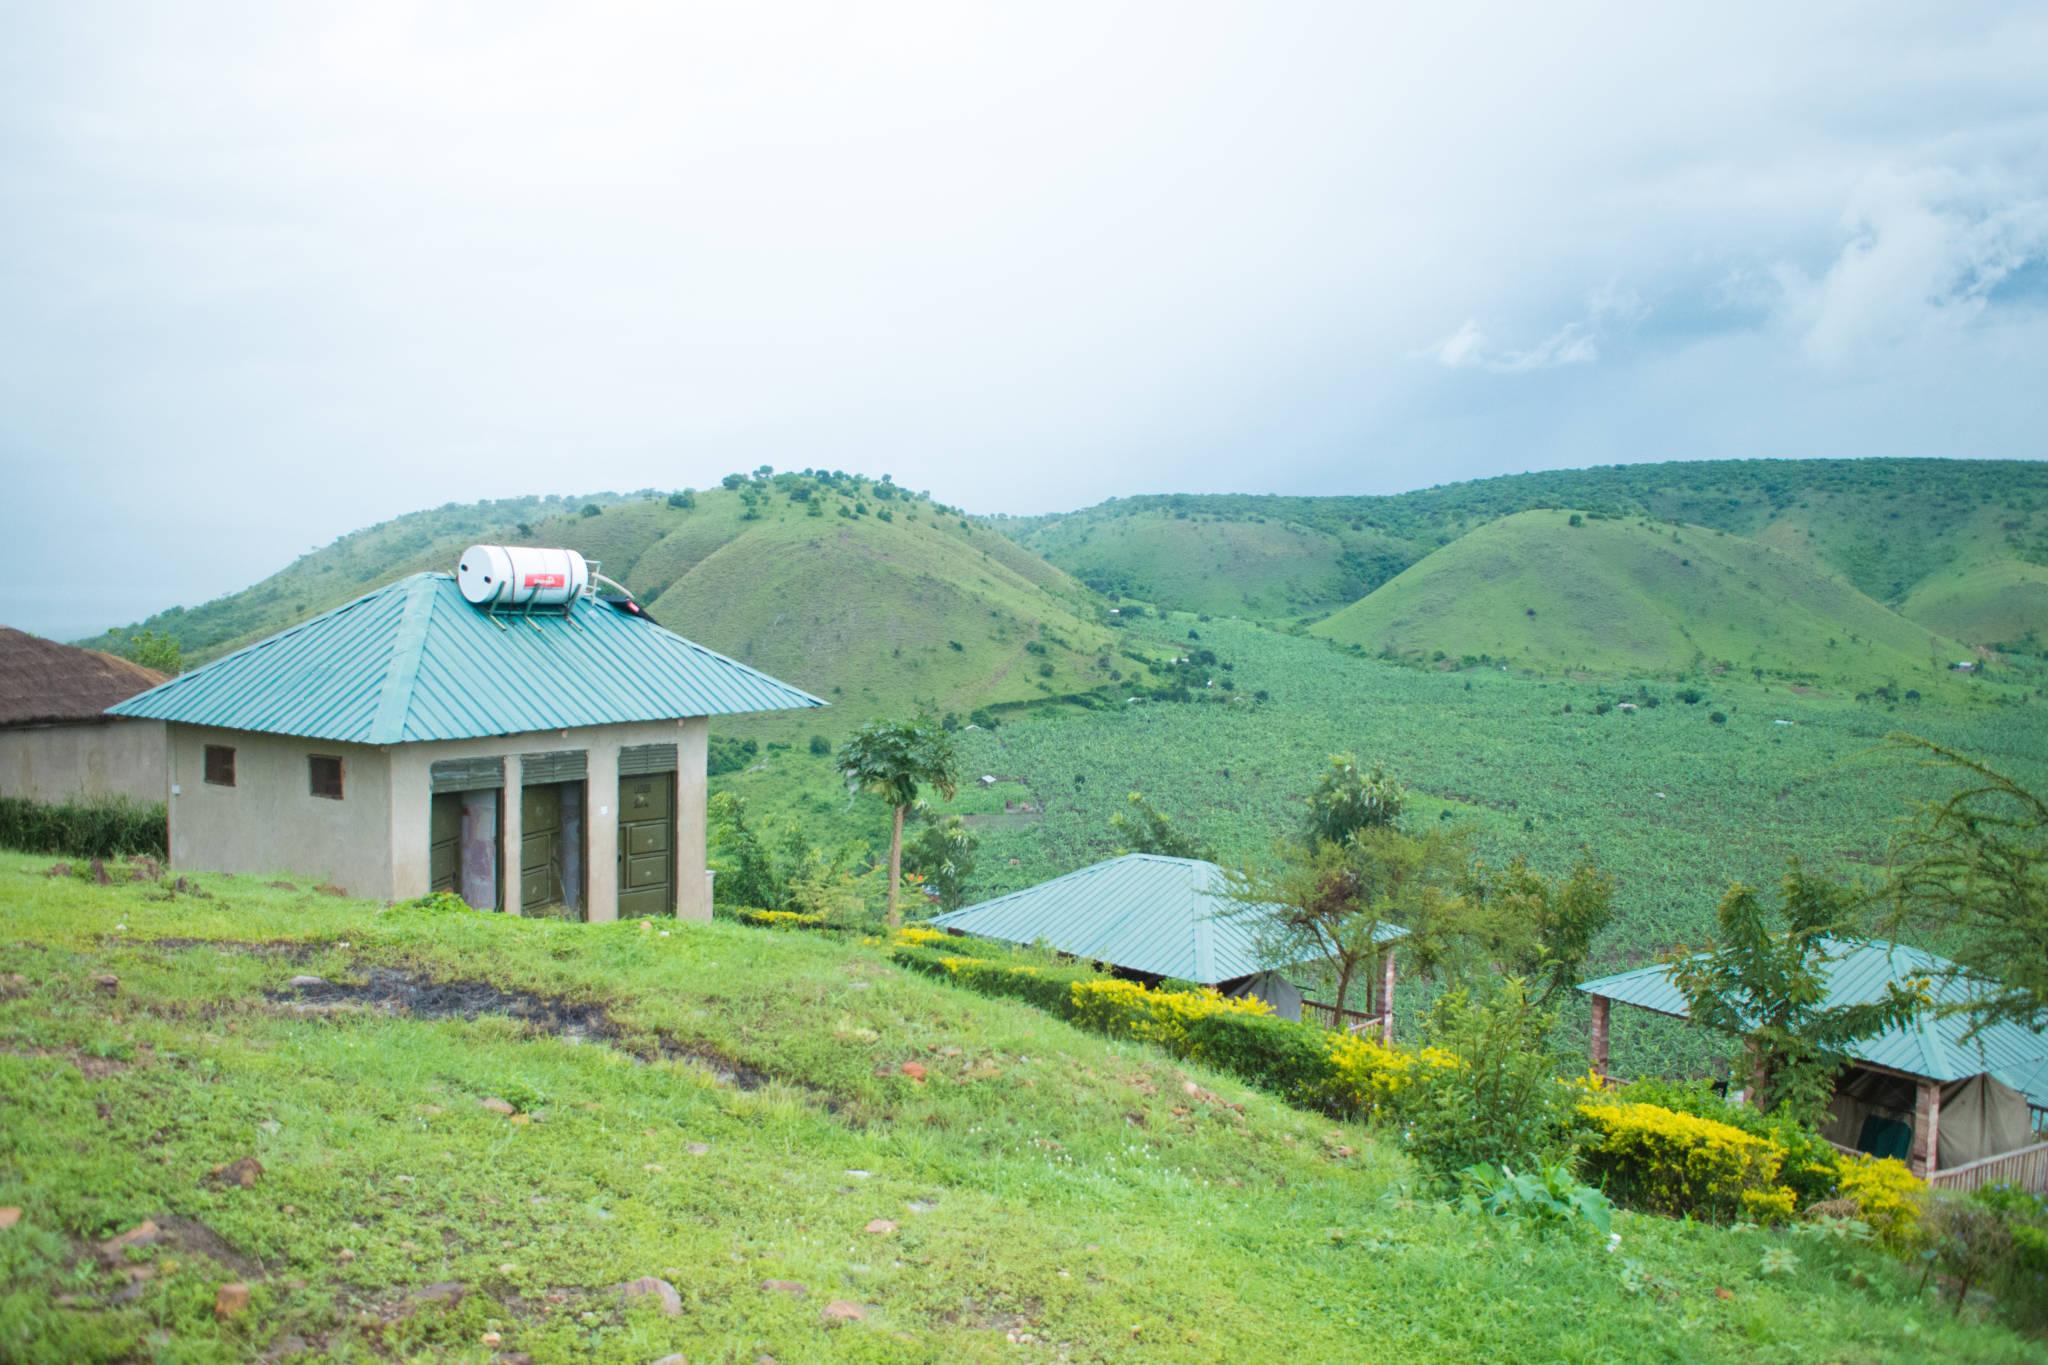 Mburo Eagle's Nest